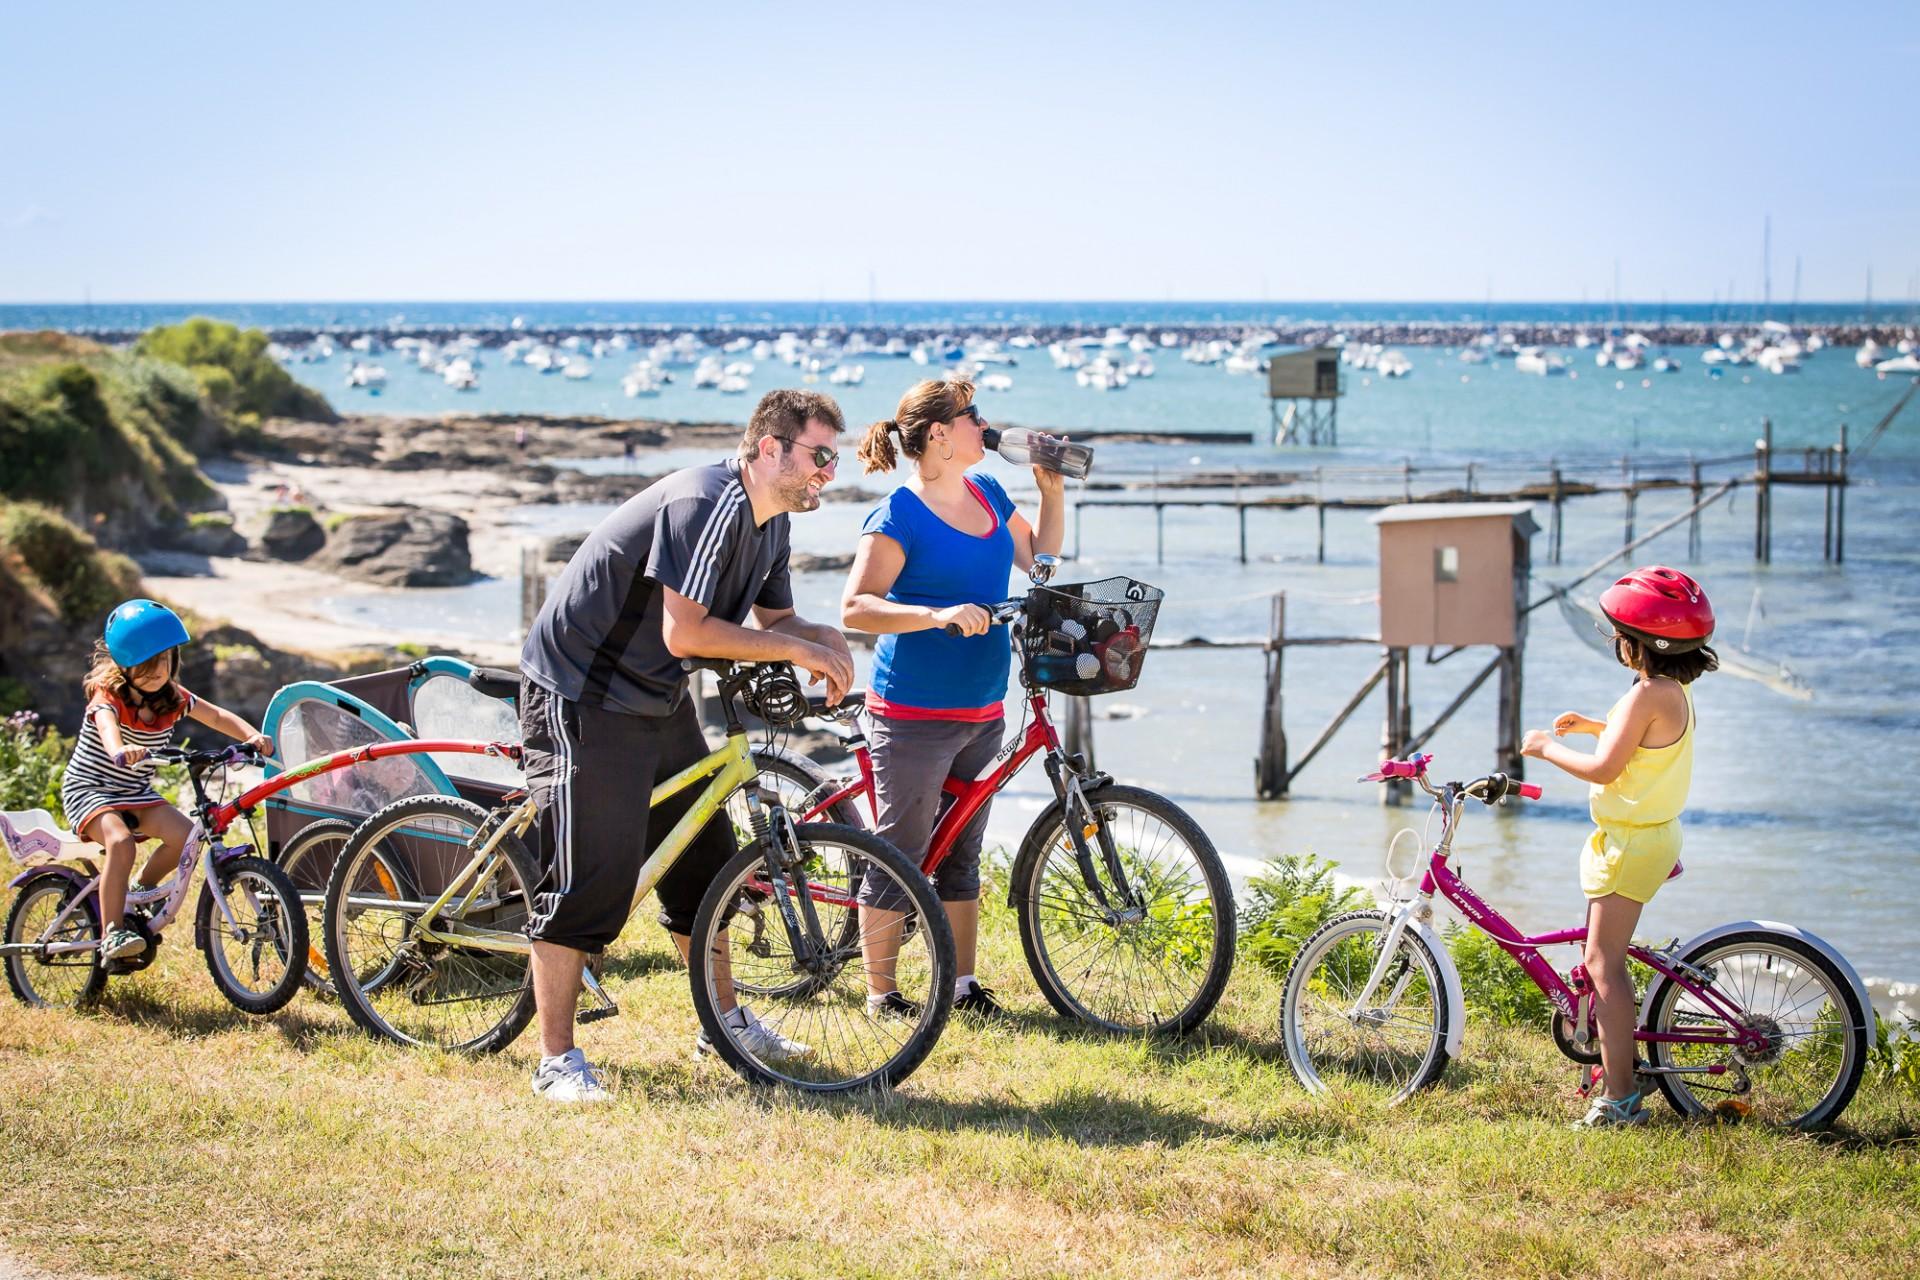 balade à vélo, balade à vélo en famille, randonnée vélo la plaine sur mer, randonnée vélo destination pornic